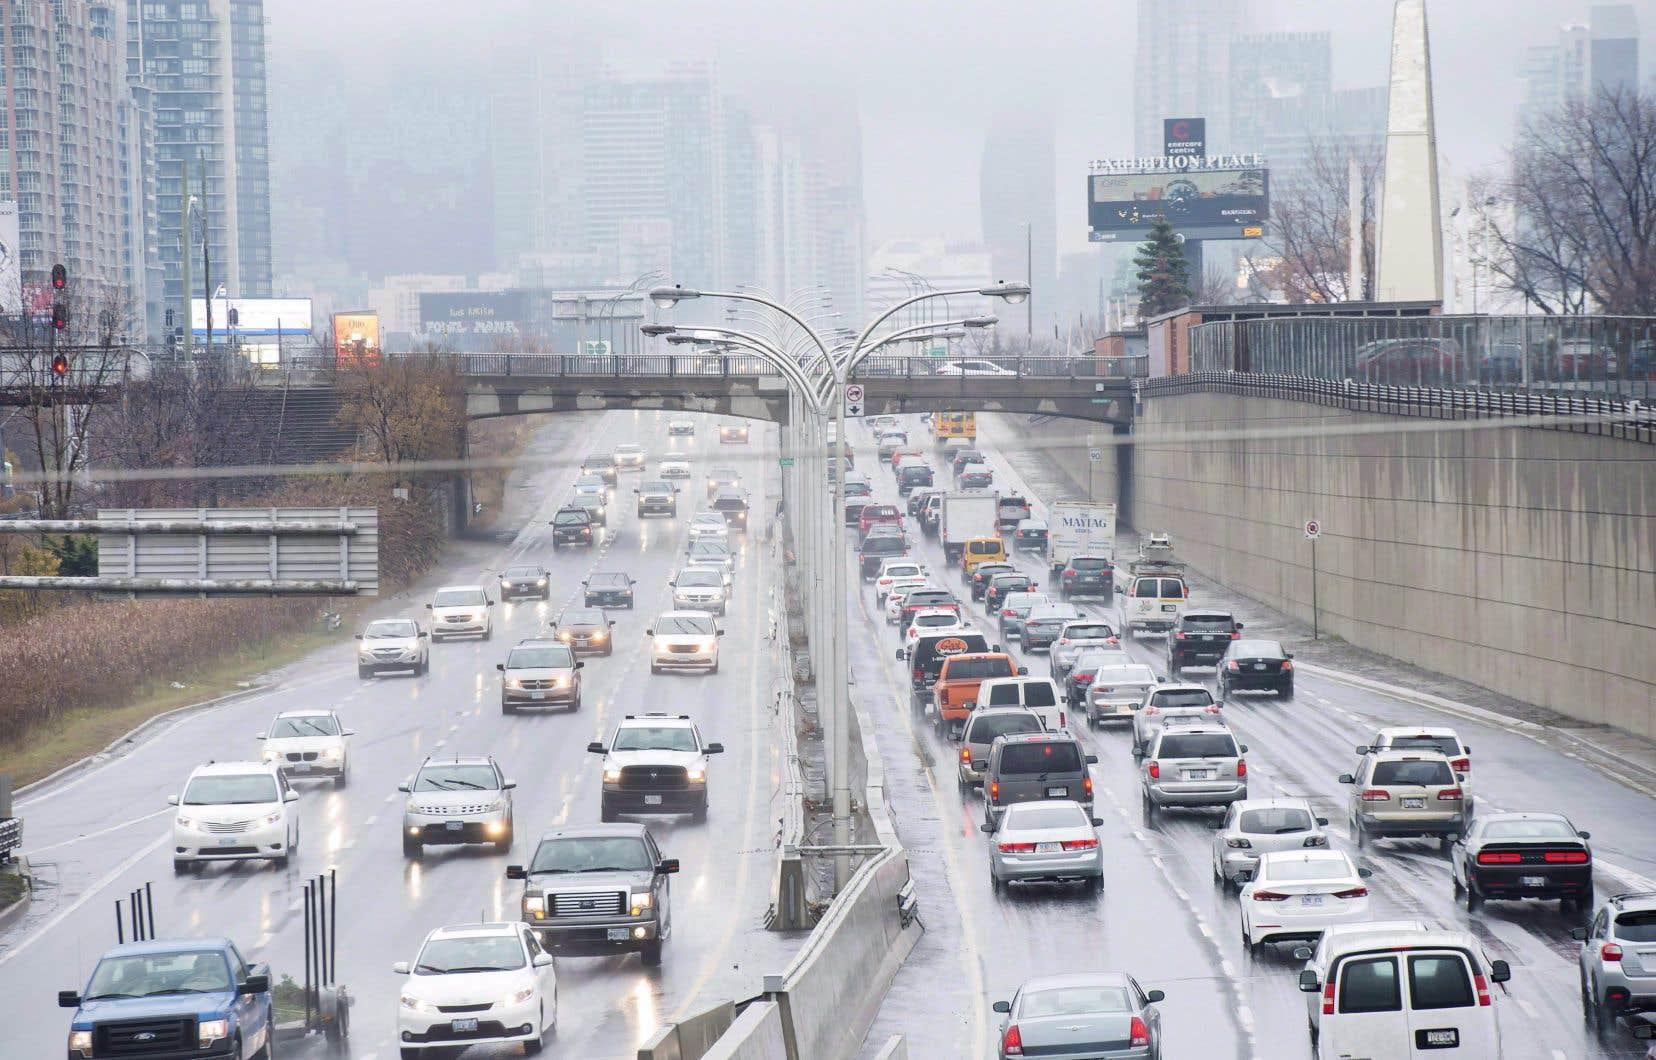 Des voitures entrent et sortent du centre-ville de Toronto.